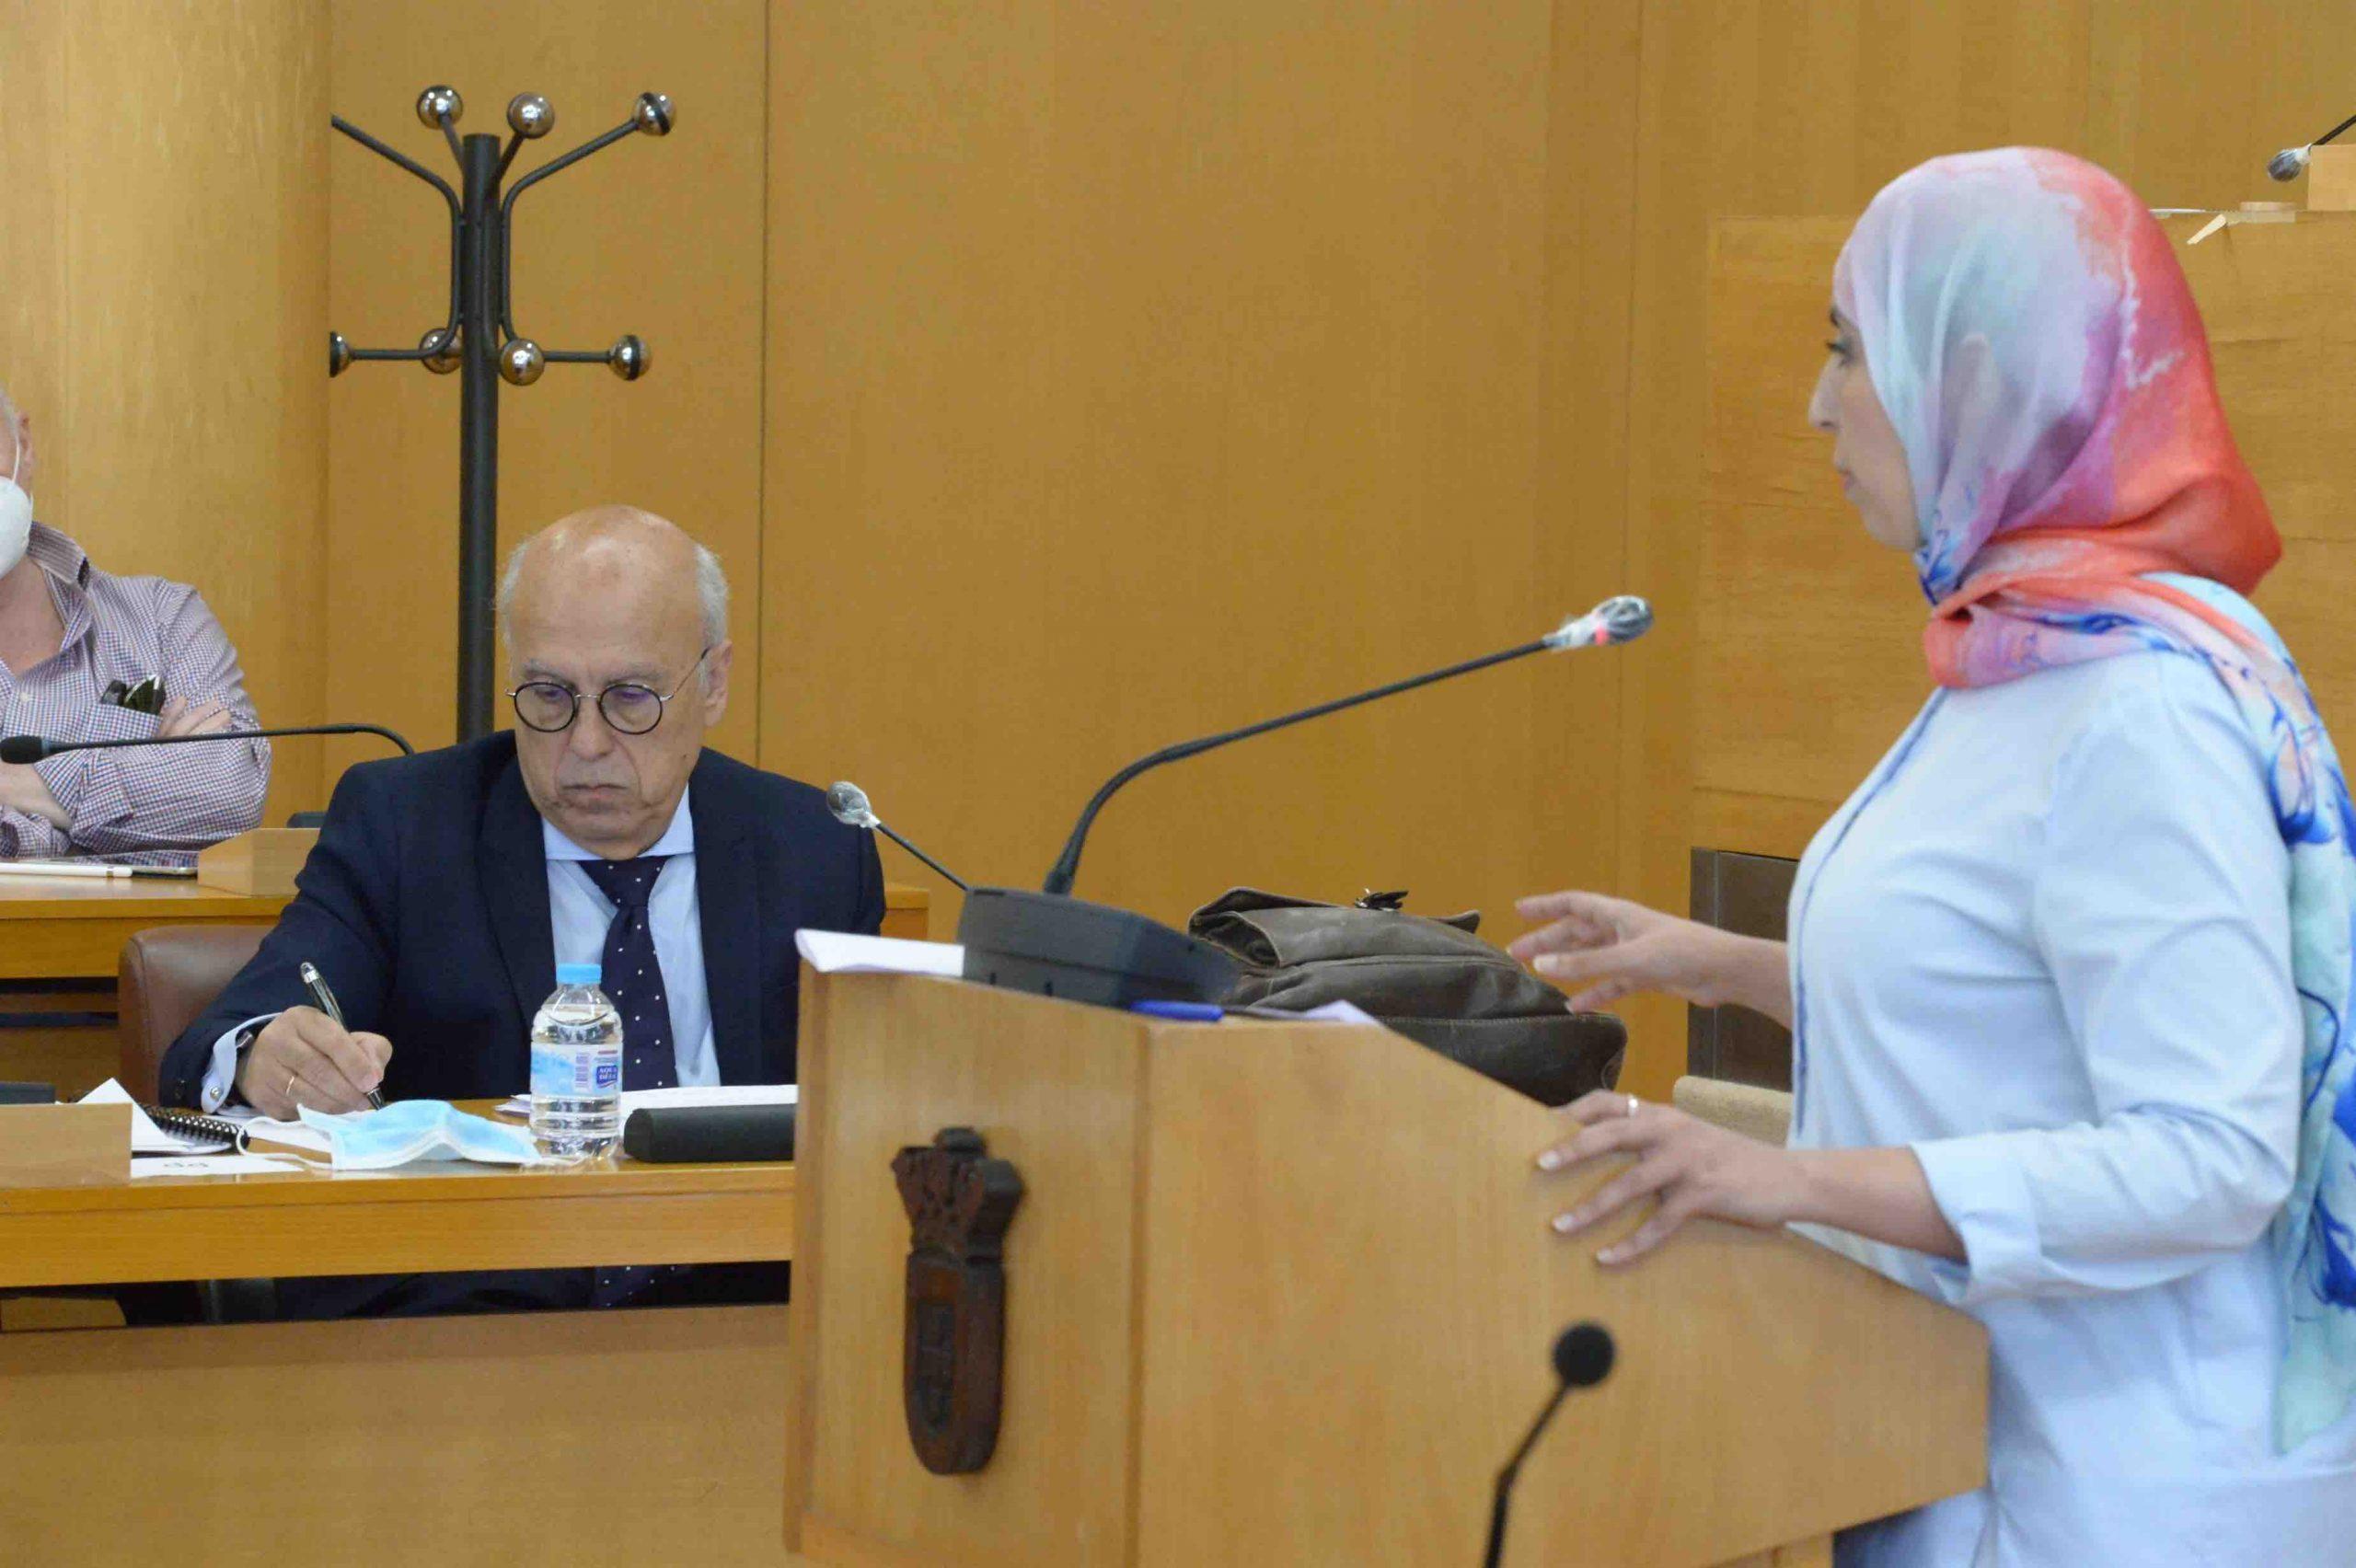 Cvirus.-El consejero de Sanidad de Ceuta, «amenazado» por no permitir sacrificios en casas o la calle en Pascua islámica